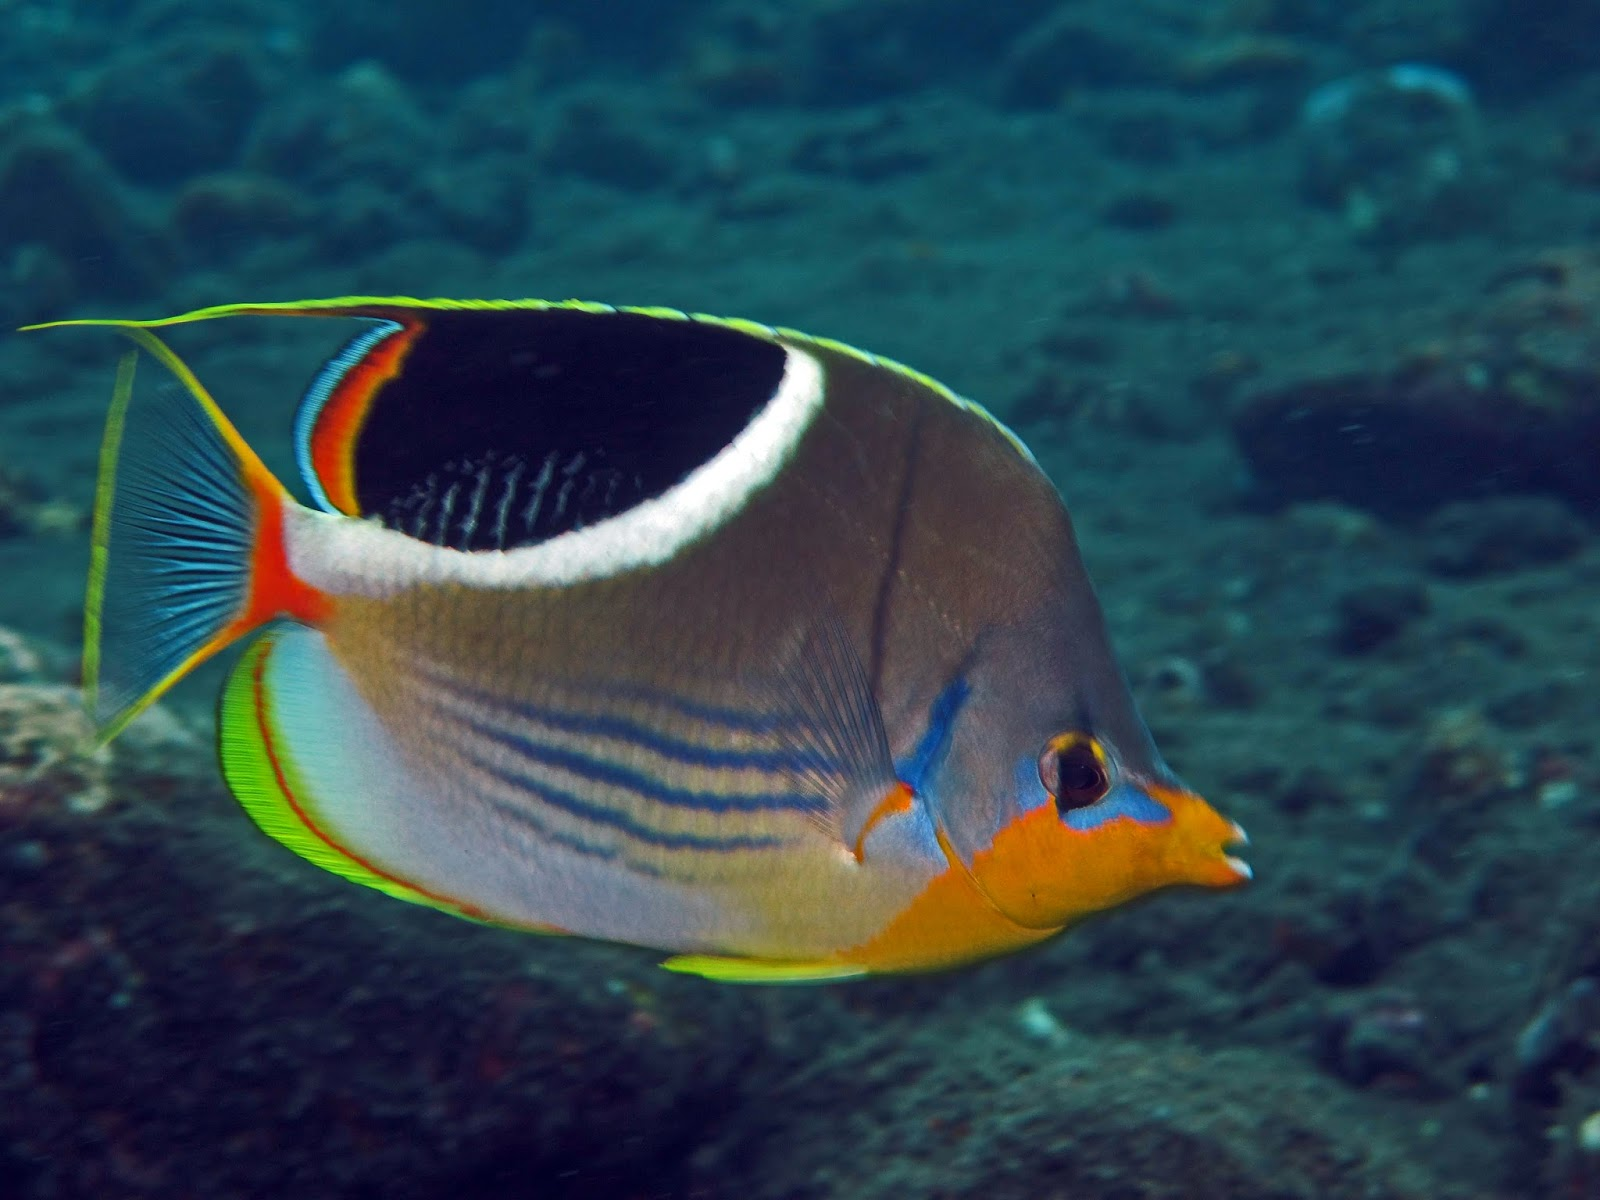 Peces y plantas ornamentales chaetodon ephippium pez for Tipos de jaulas para peces